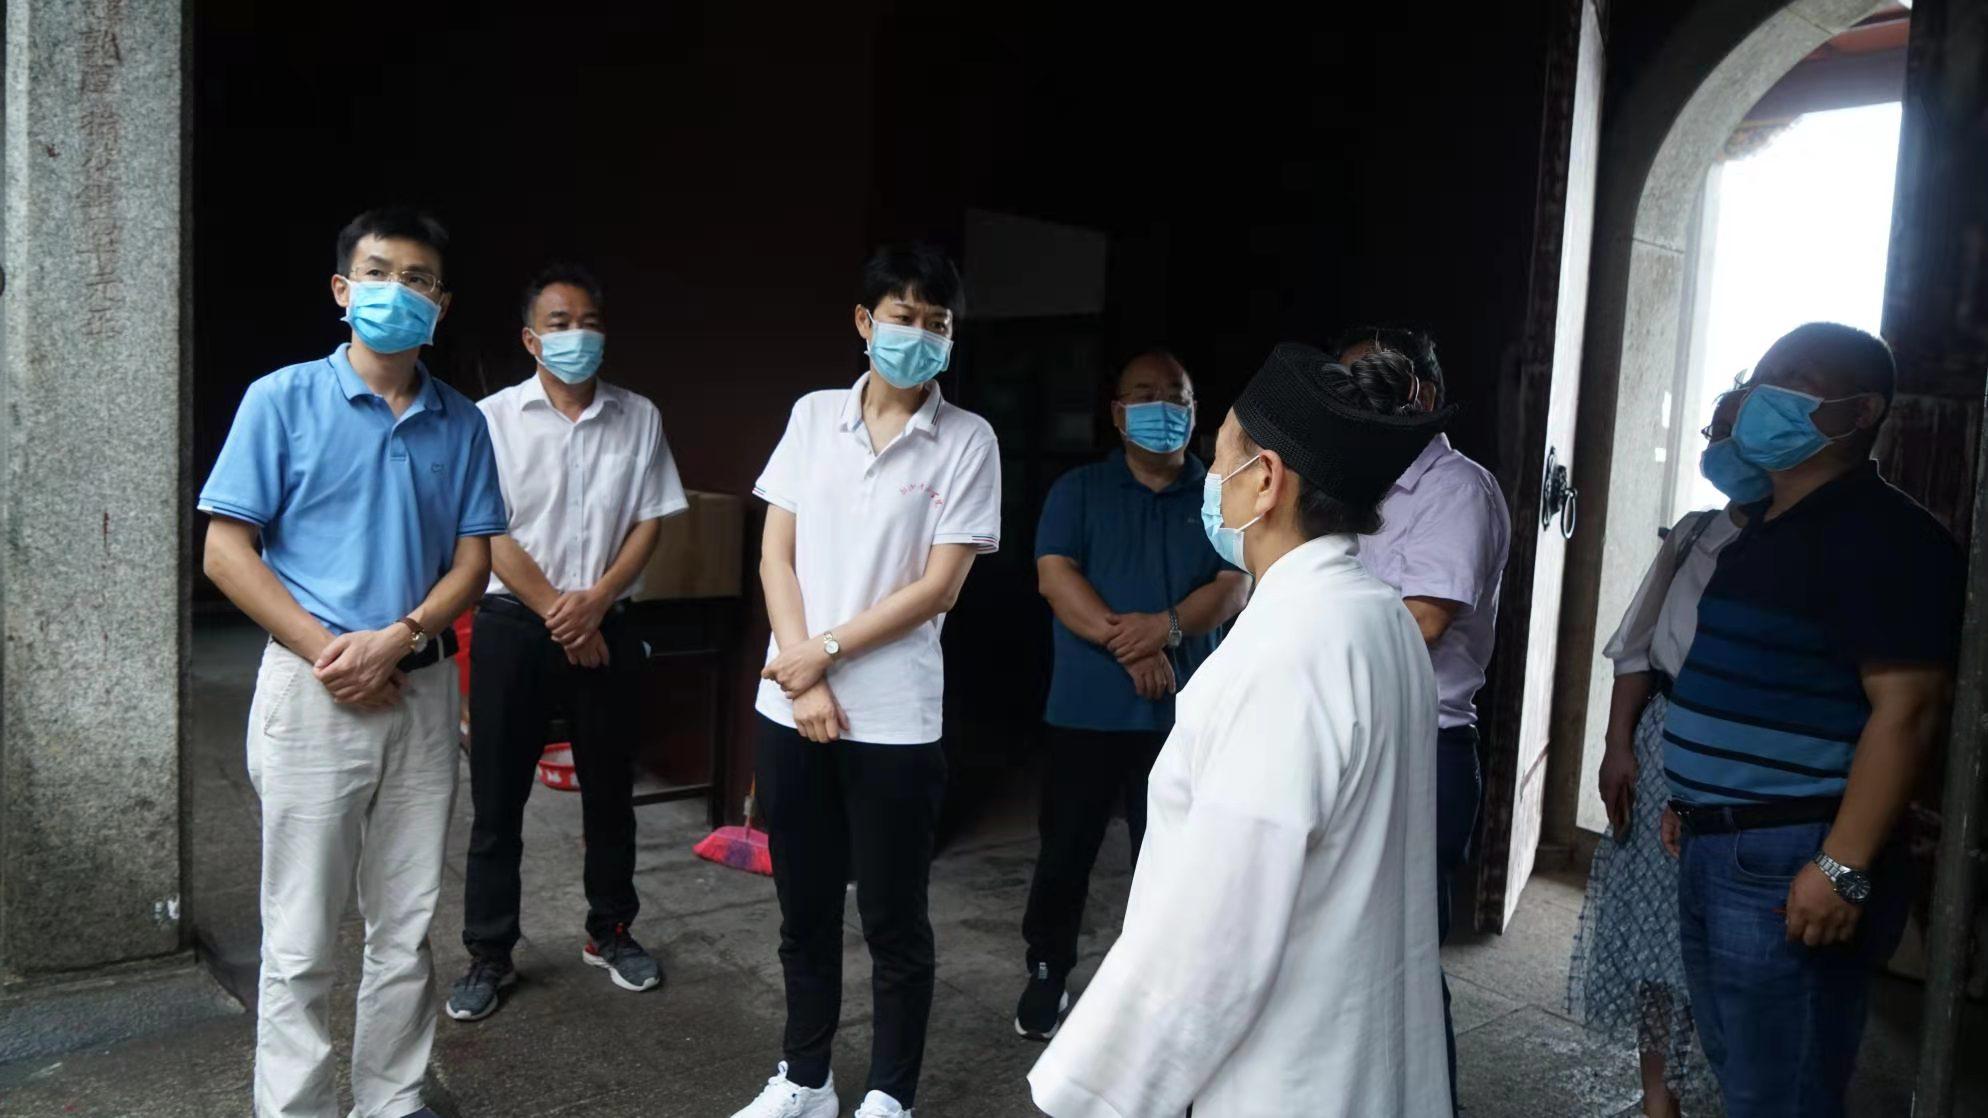 罗琼深入南岳调研宗教活动场所疫情防控工作2.jpg